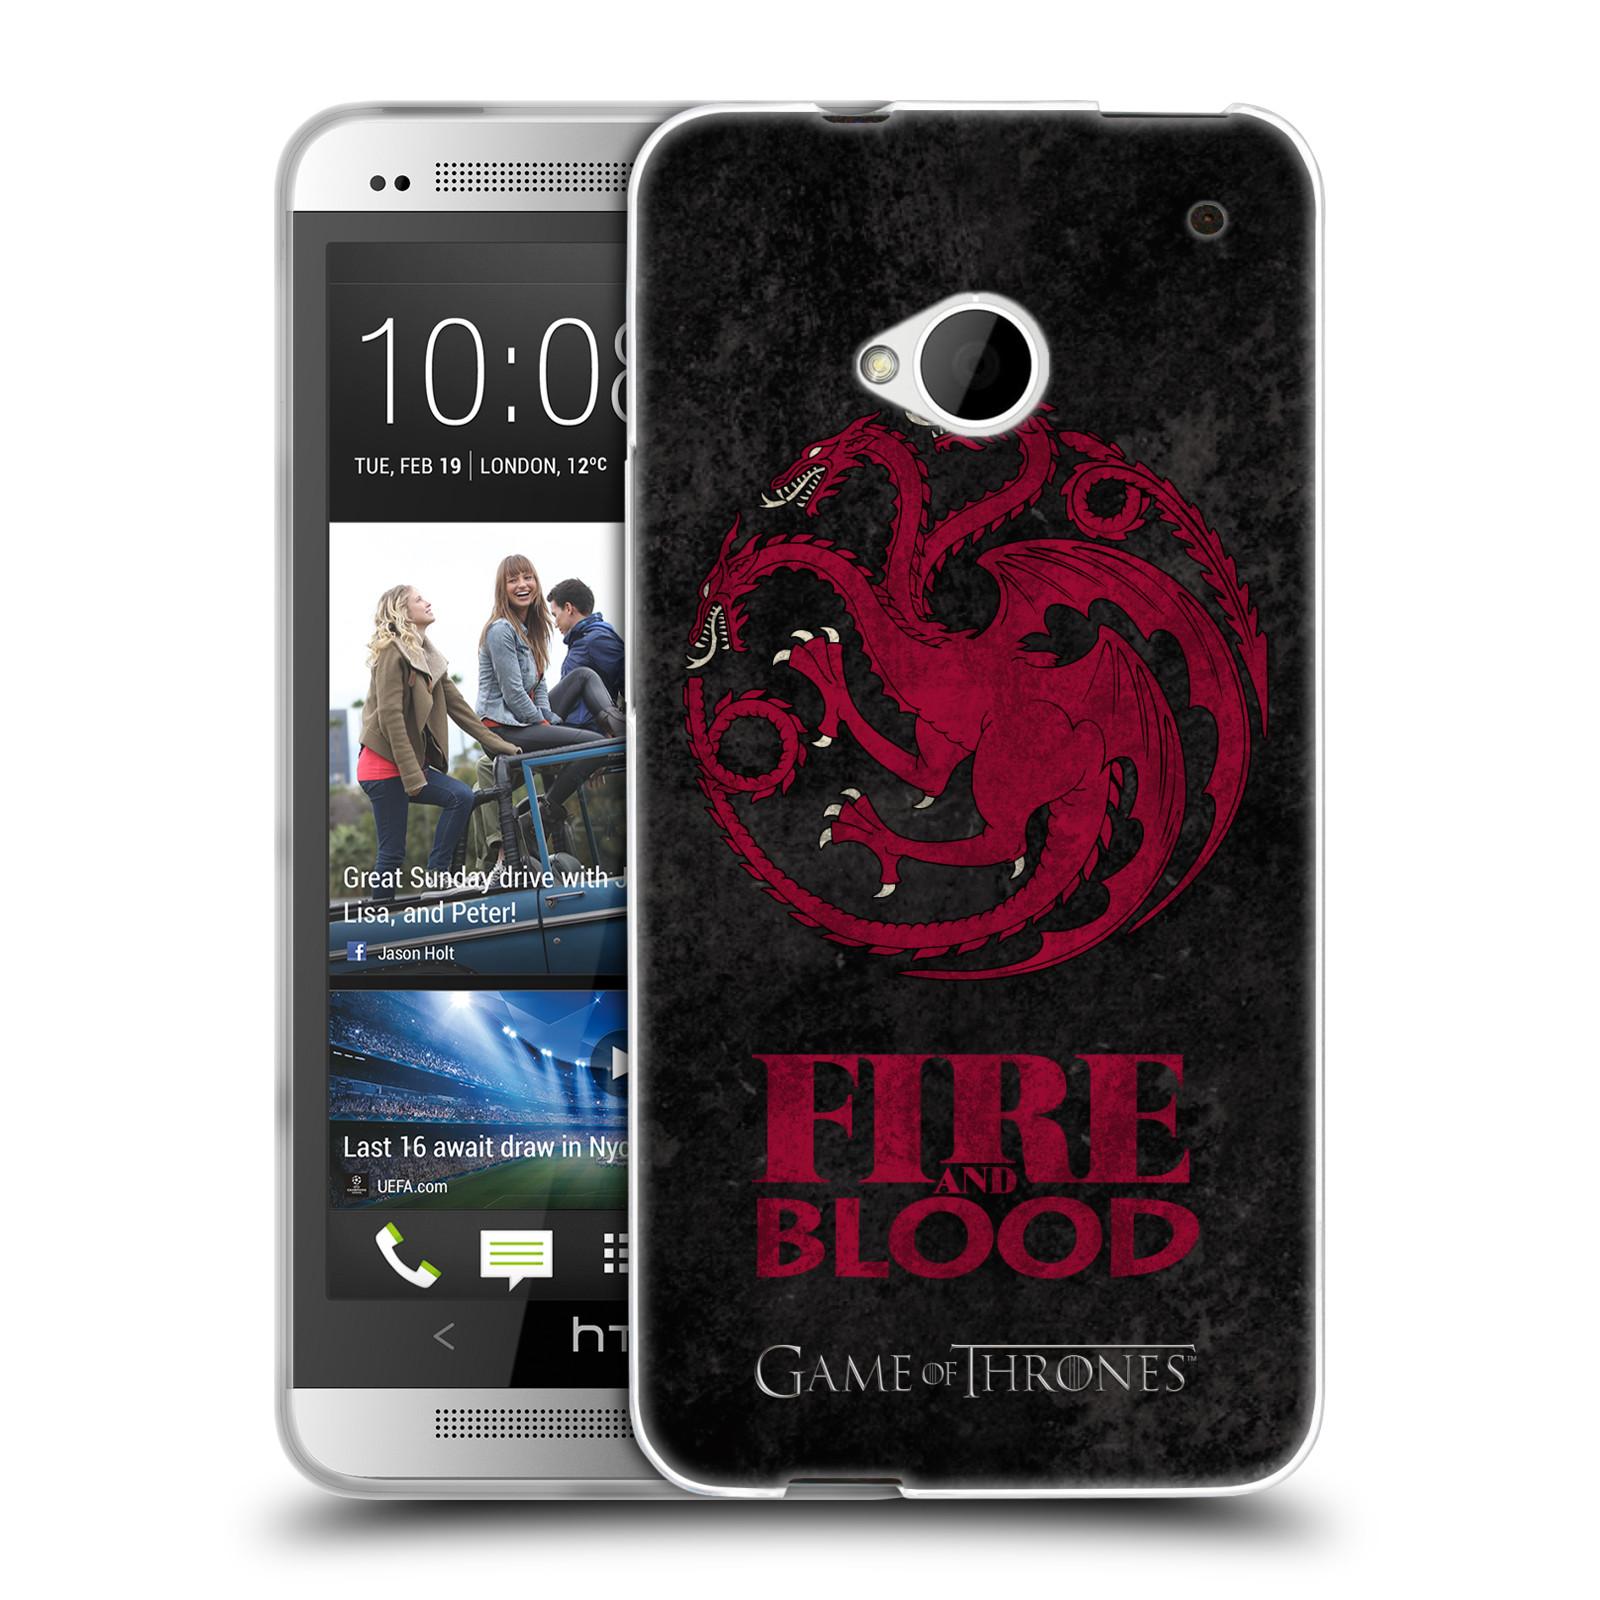 Silikonové pouzdro na mobil HTC ONE M7 HEAD CASE Hra o trůny - Sigils Targaryen - Fire and Blood (Silikonový kryt či obal na mobilní telefon s licencovaným motivem Hra o trůny - Game Of Thrones pro HTC ONE M7)